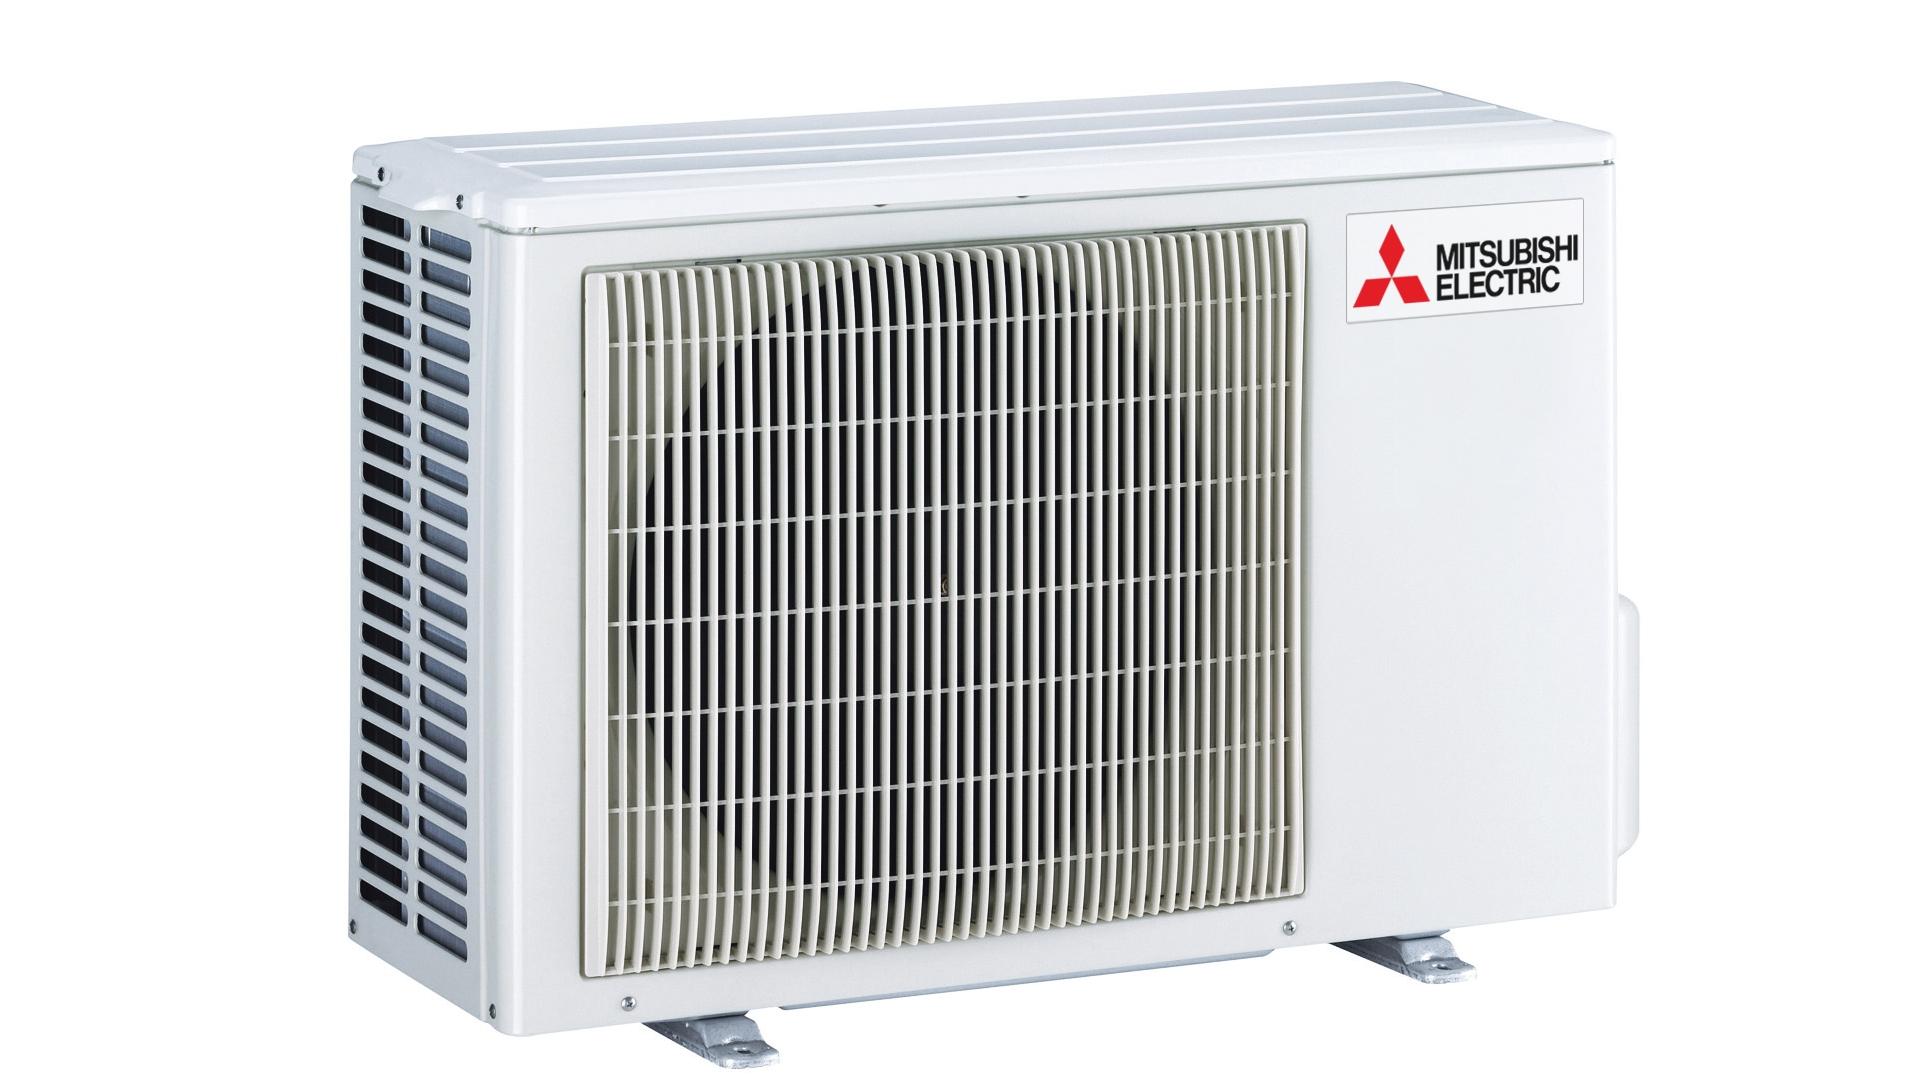 inverter hj mxz electric climatizzatore con serie split trial trialhj msz mitsubishi